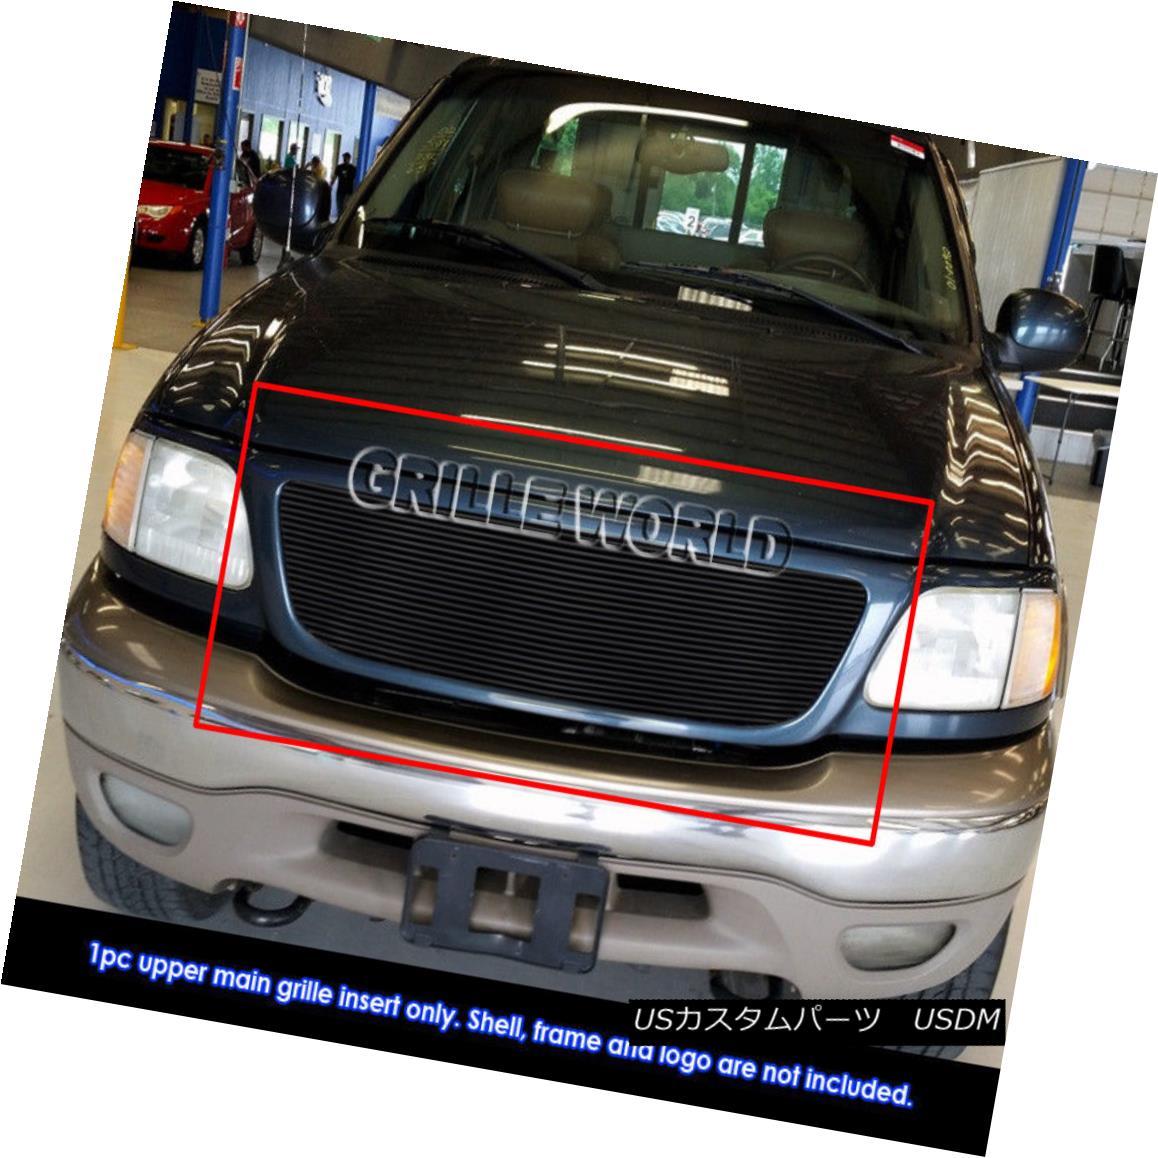 グリル Fits 1999-2002 Ford Expedition 22 Bars Replacement Black Billet Grille 1999-2002 Ford Expedition 22バー交換用ブラックビレットグリルに適合